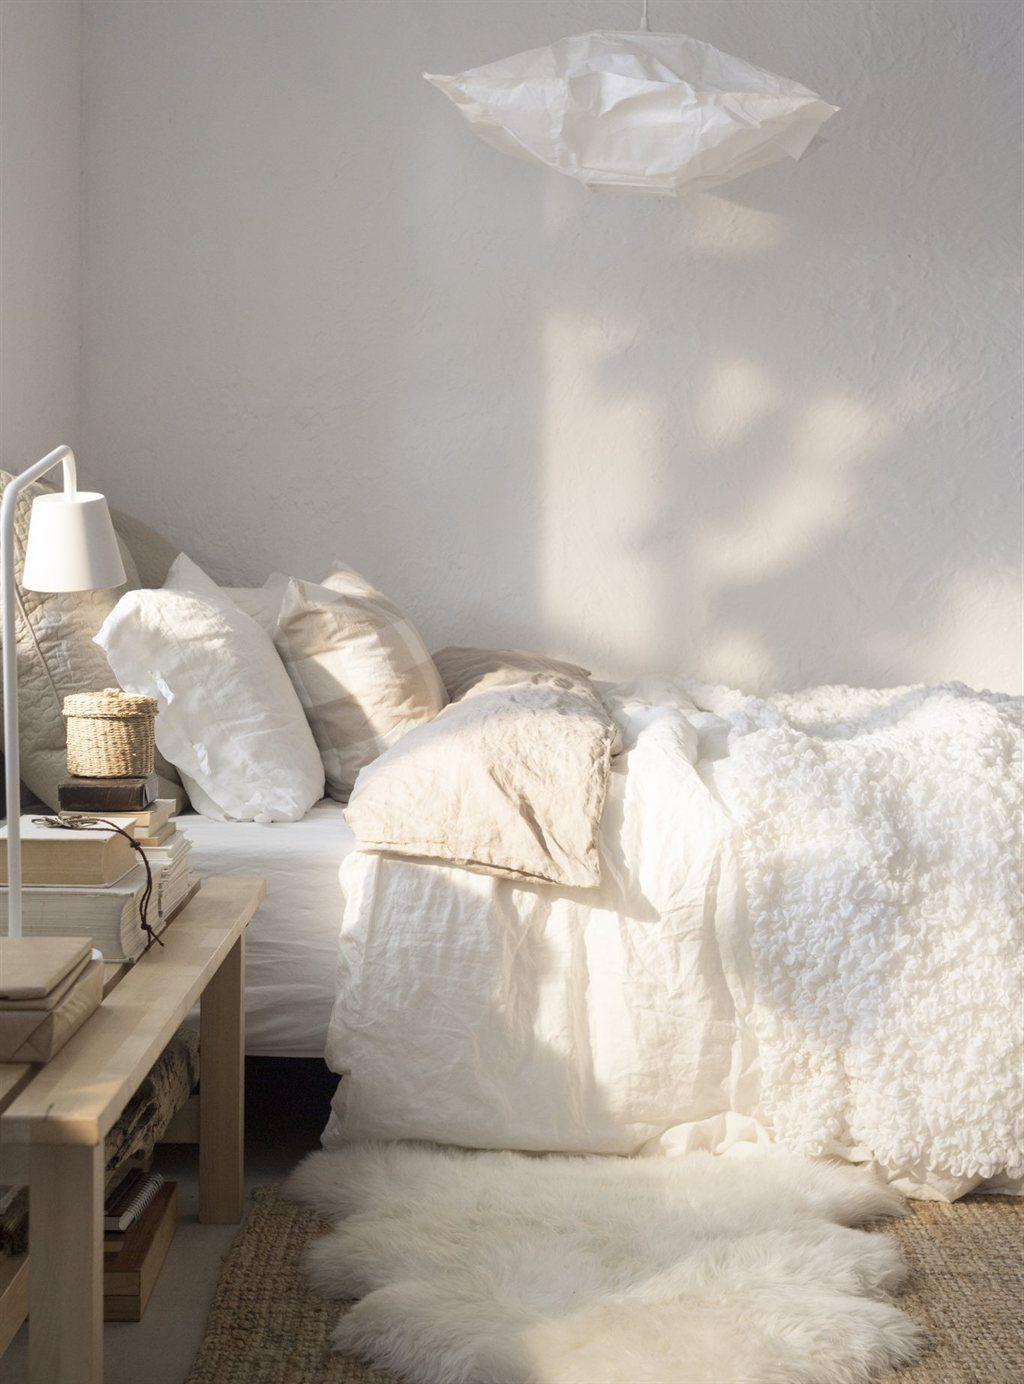 Bestes schlafzimmer schlafzimmer pin von vanessa auf dies und das  pinterest  schlafzimmer bett